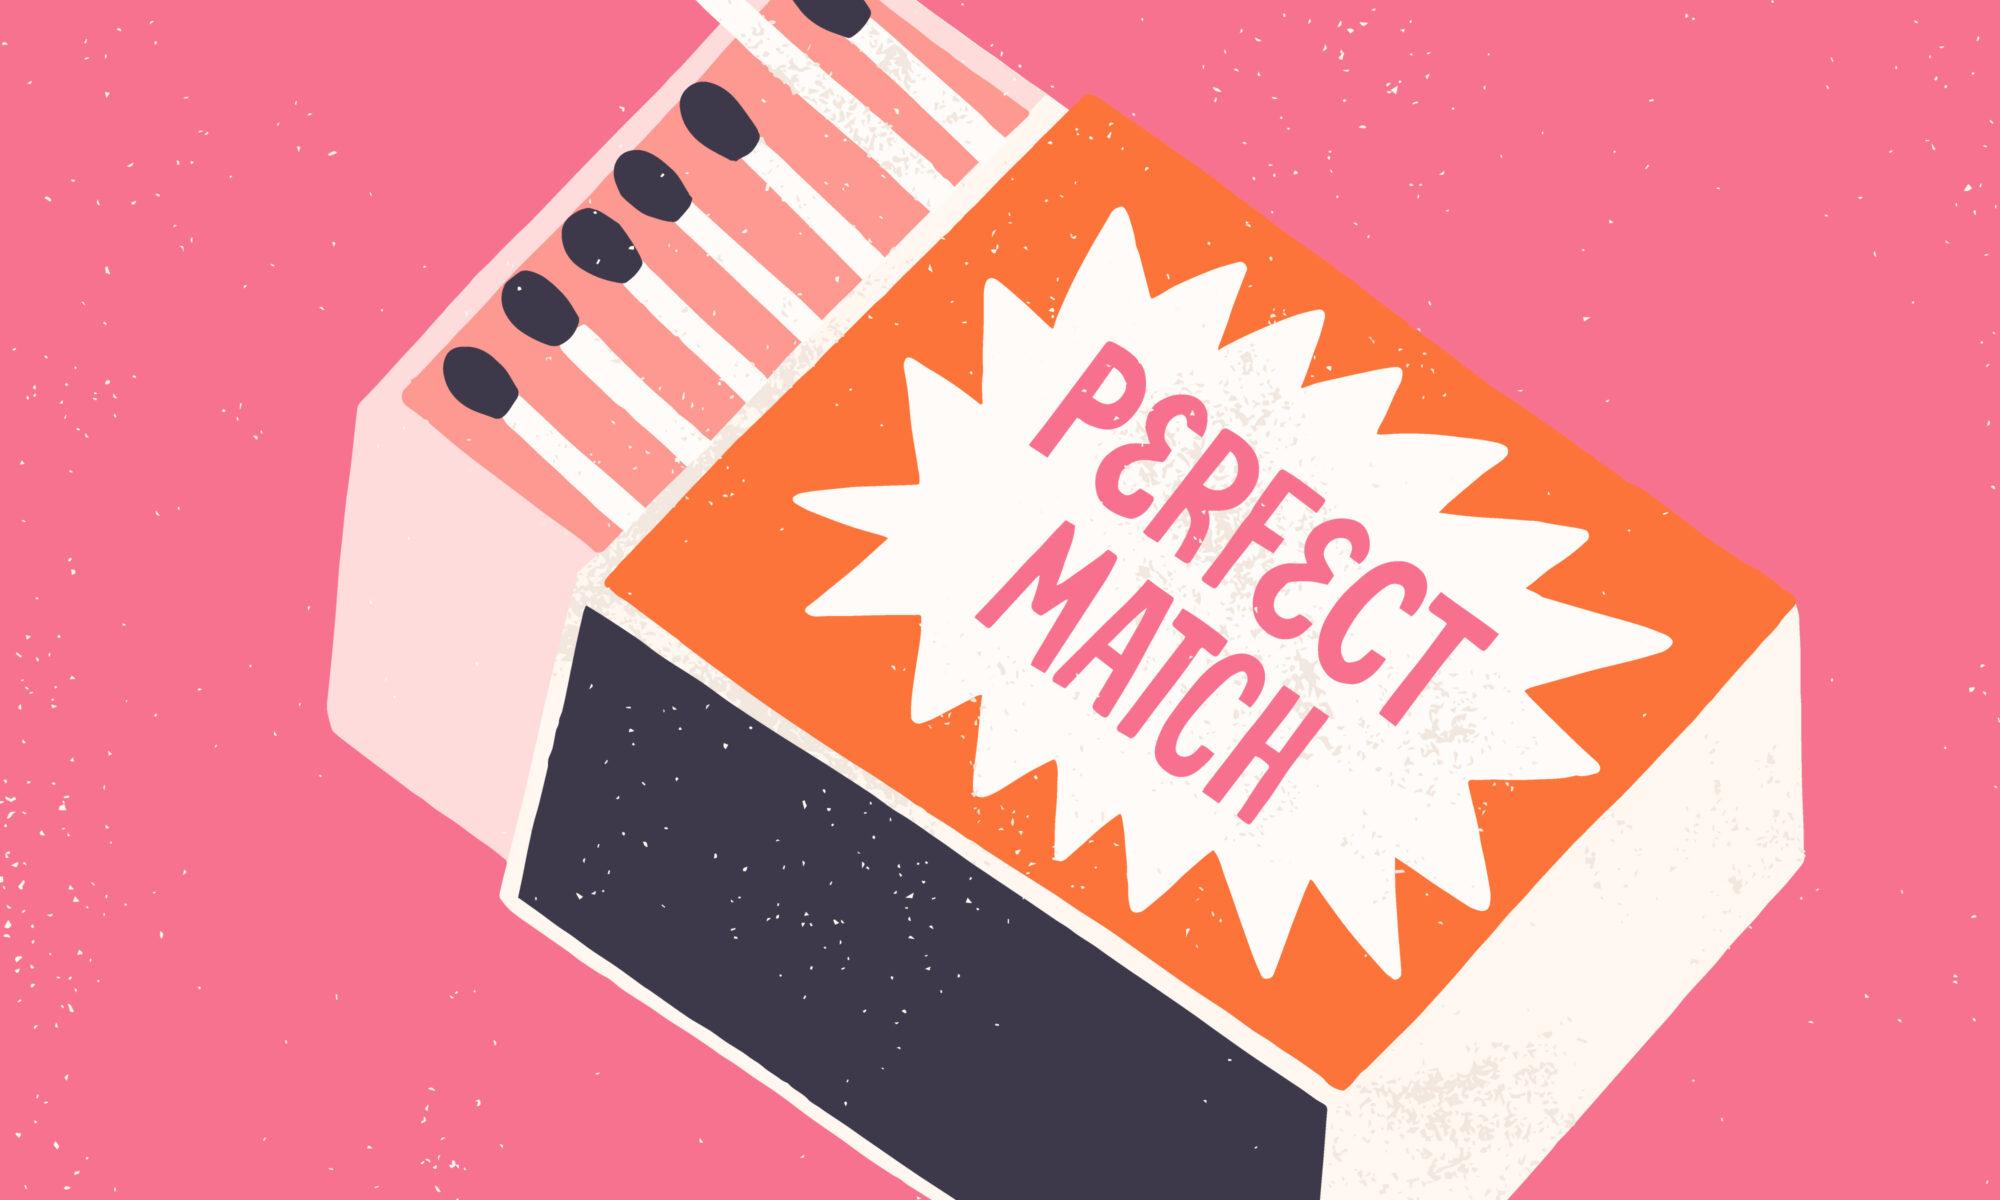 Streichholzschachtel perfect match